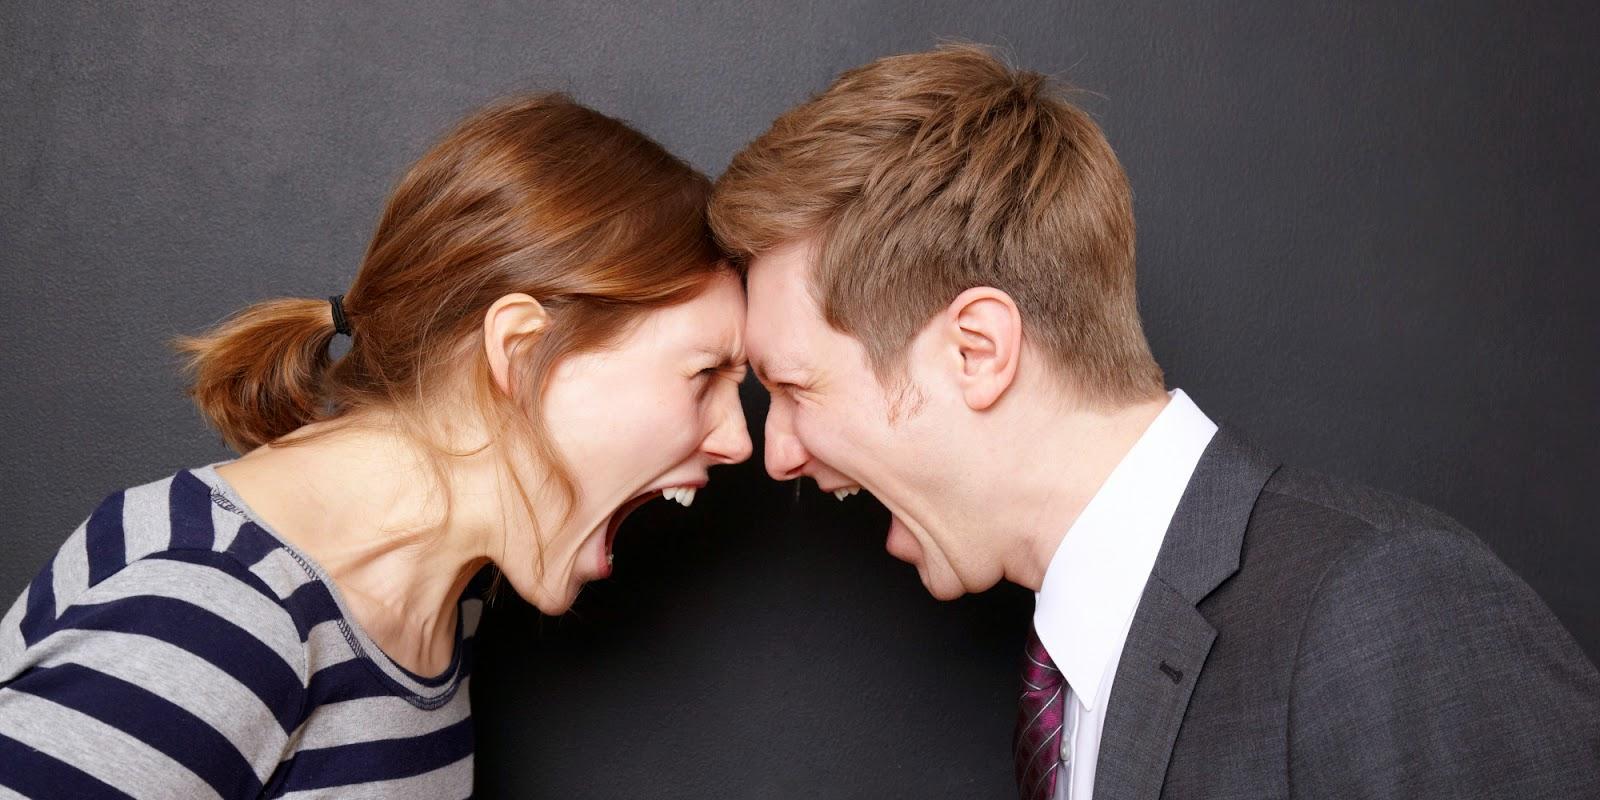 9 gondolkodási hiba, ami megmérgezheti a kapcsolatodat